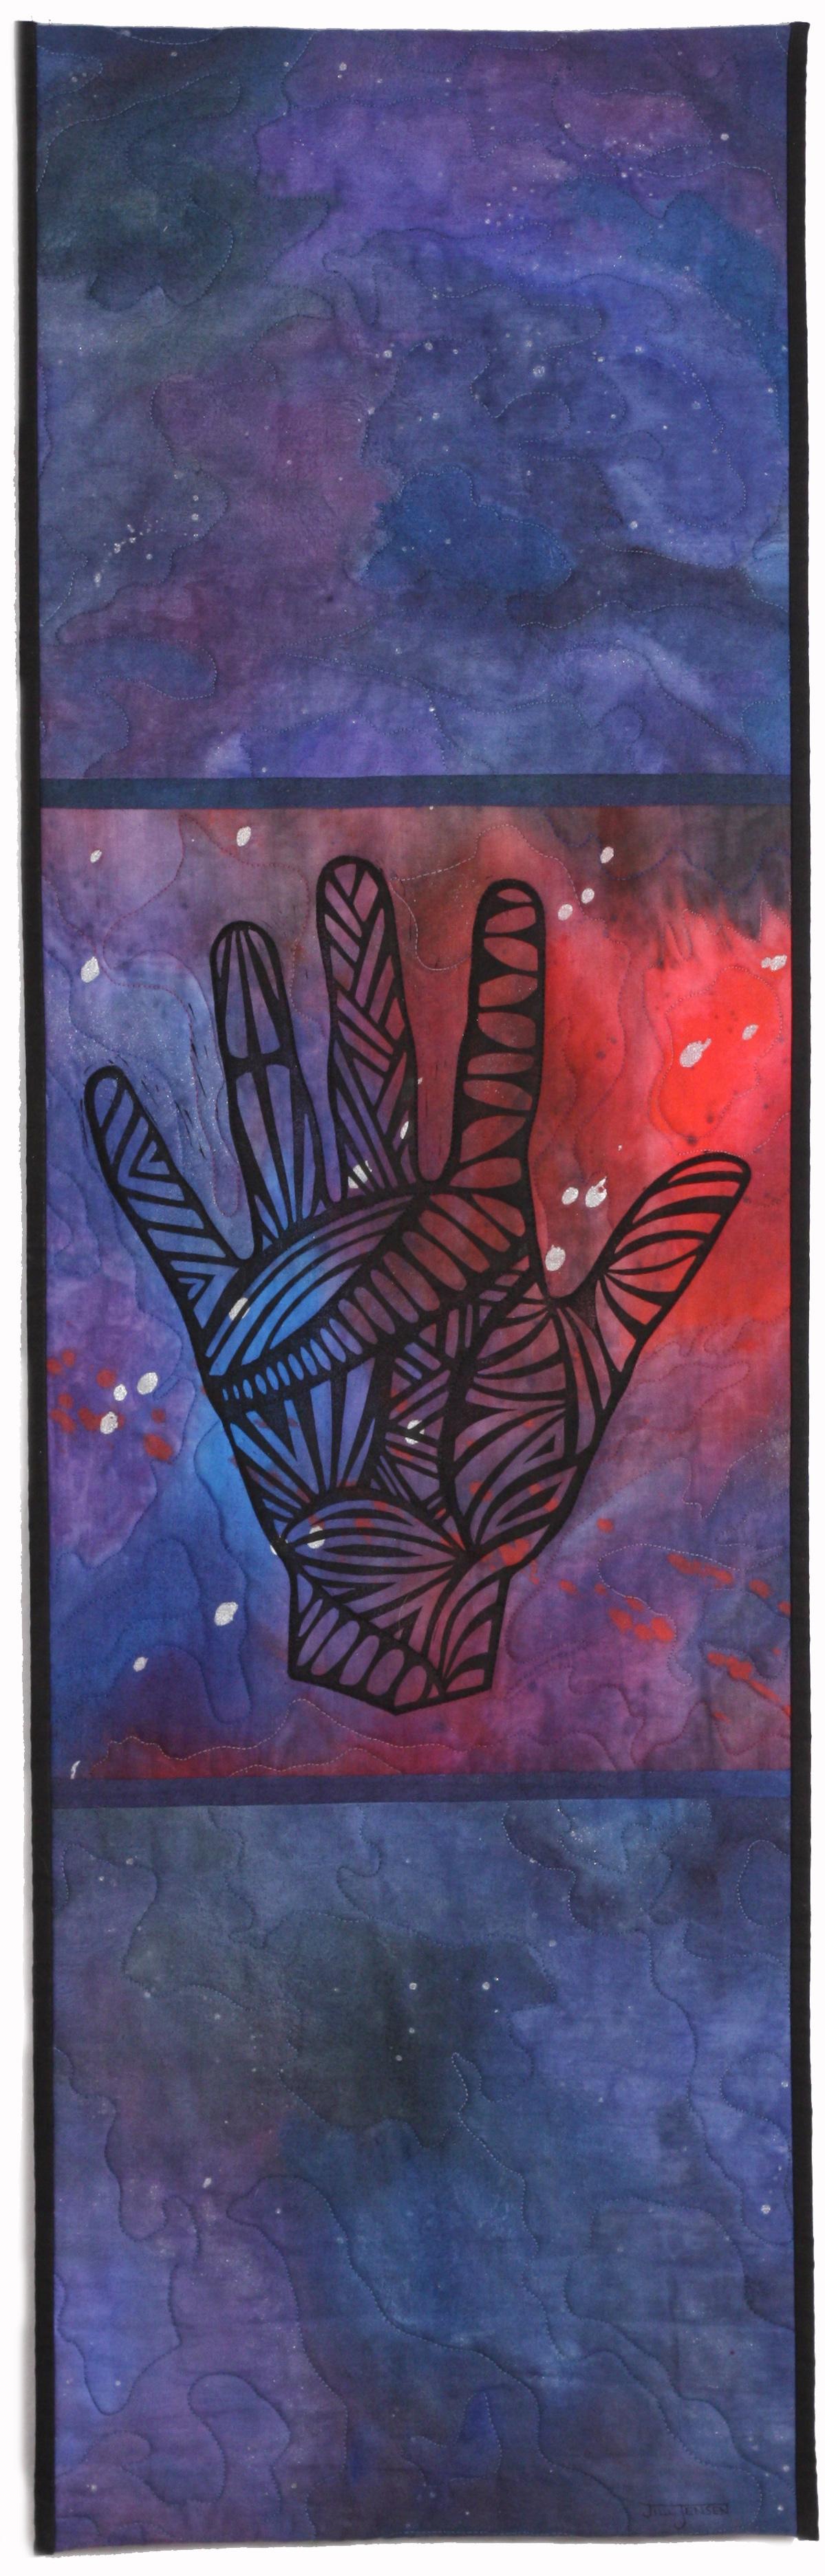 Hand XXVIII: Cosmos